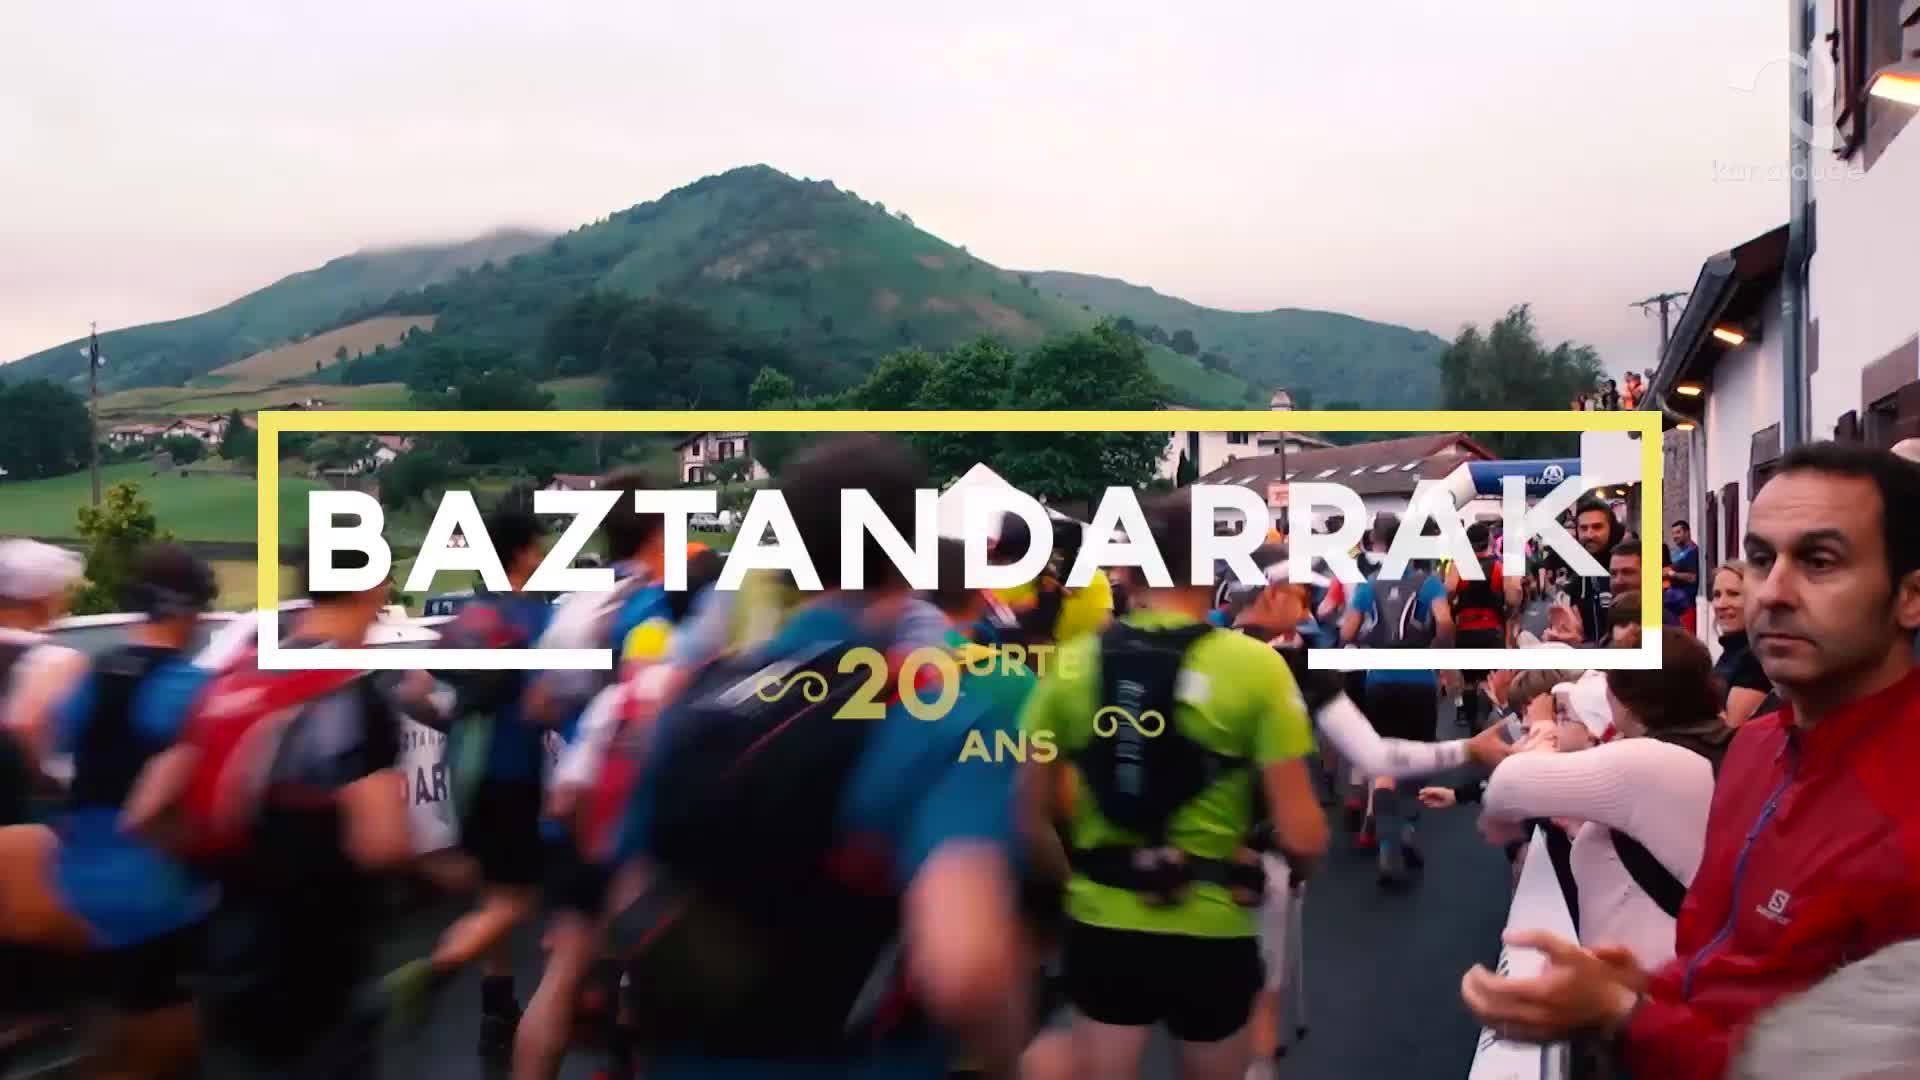 Baztandarrak 2017 mendi lasterkaldiak